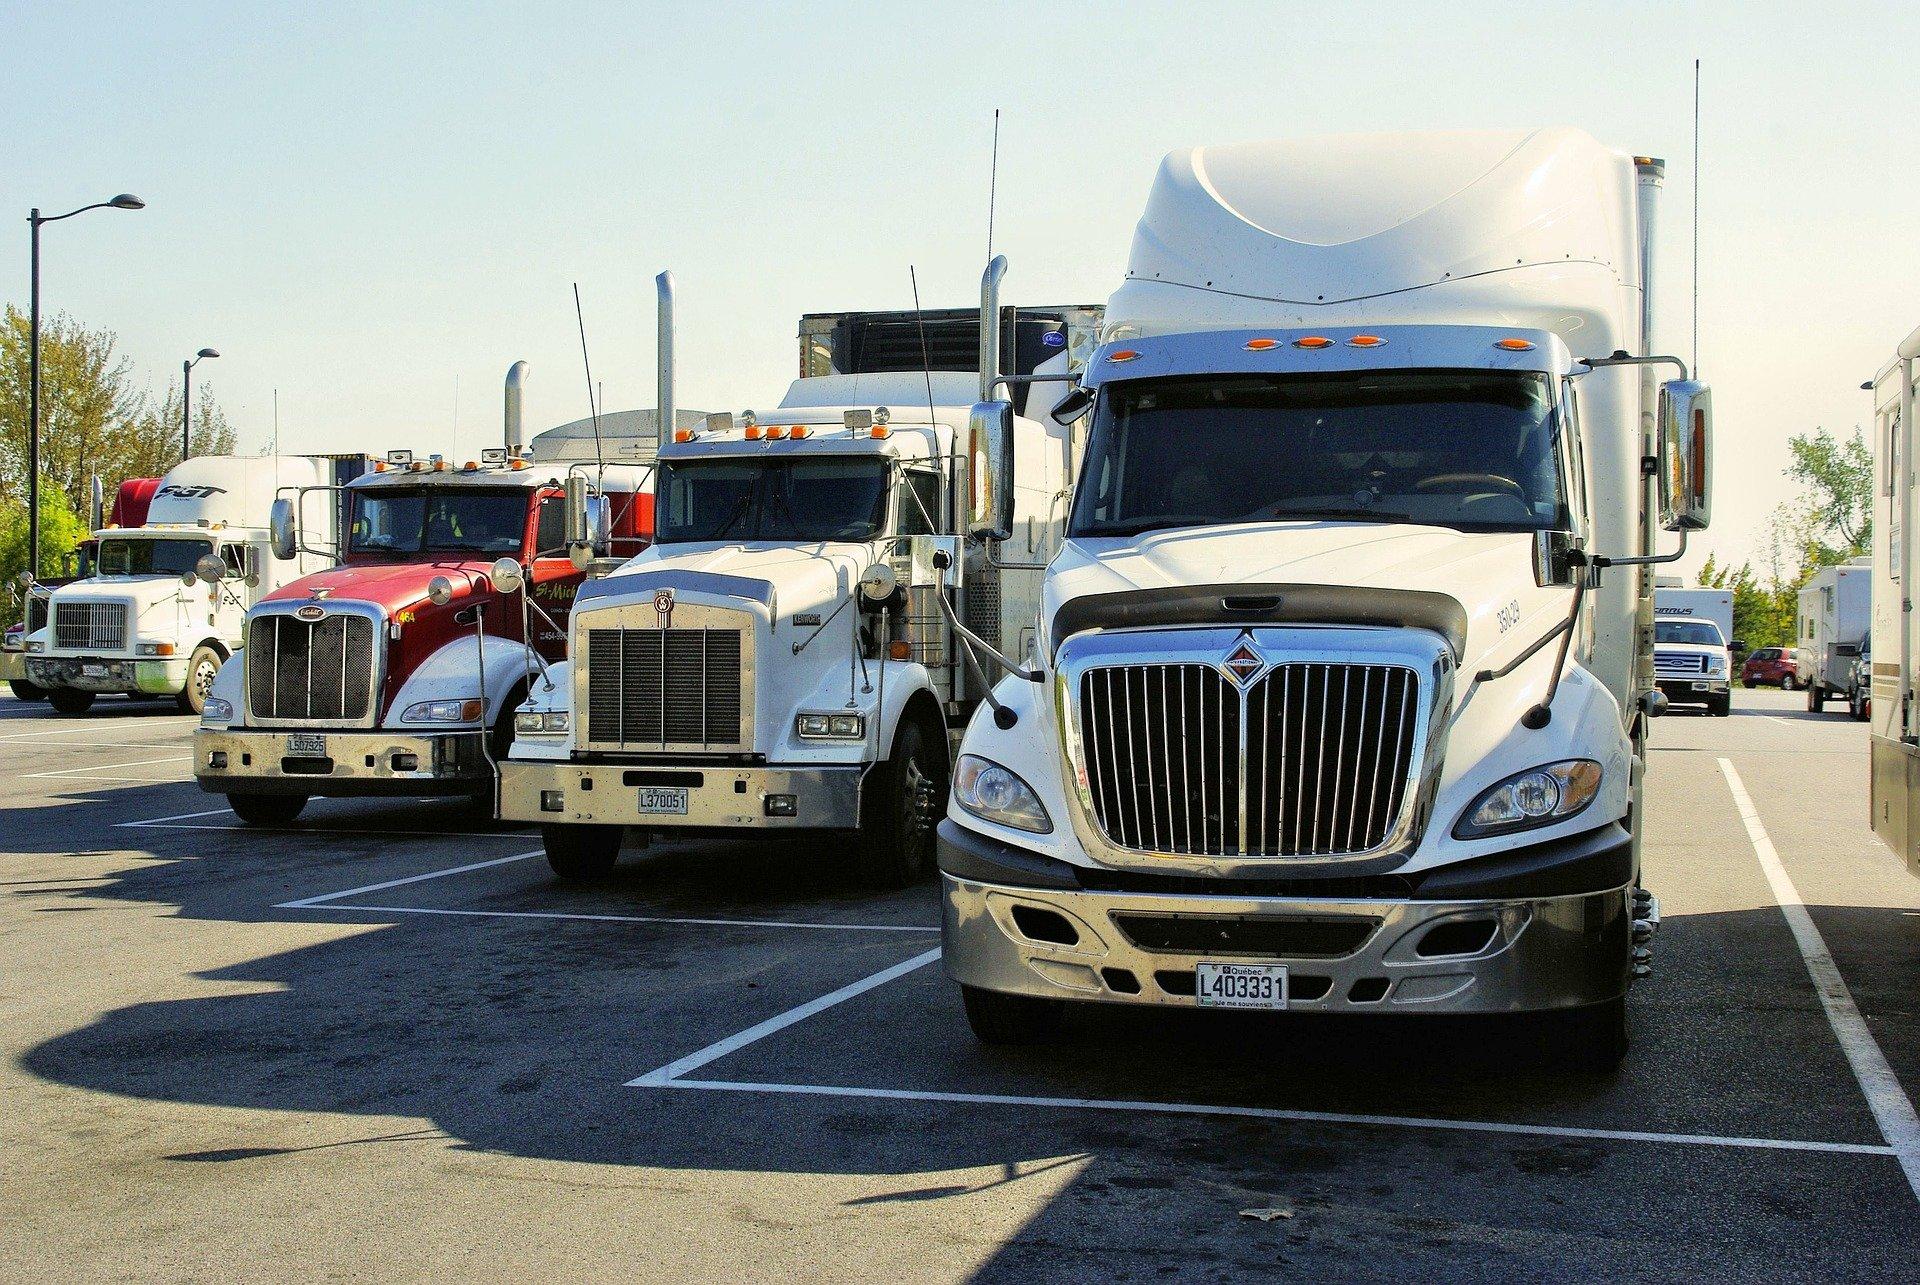 Trucks in parking lot